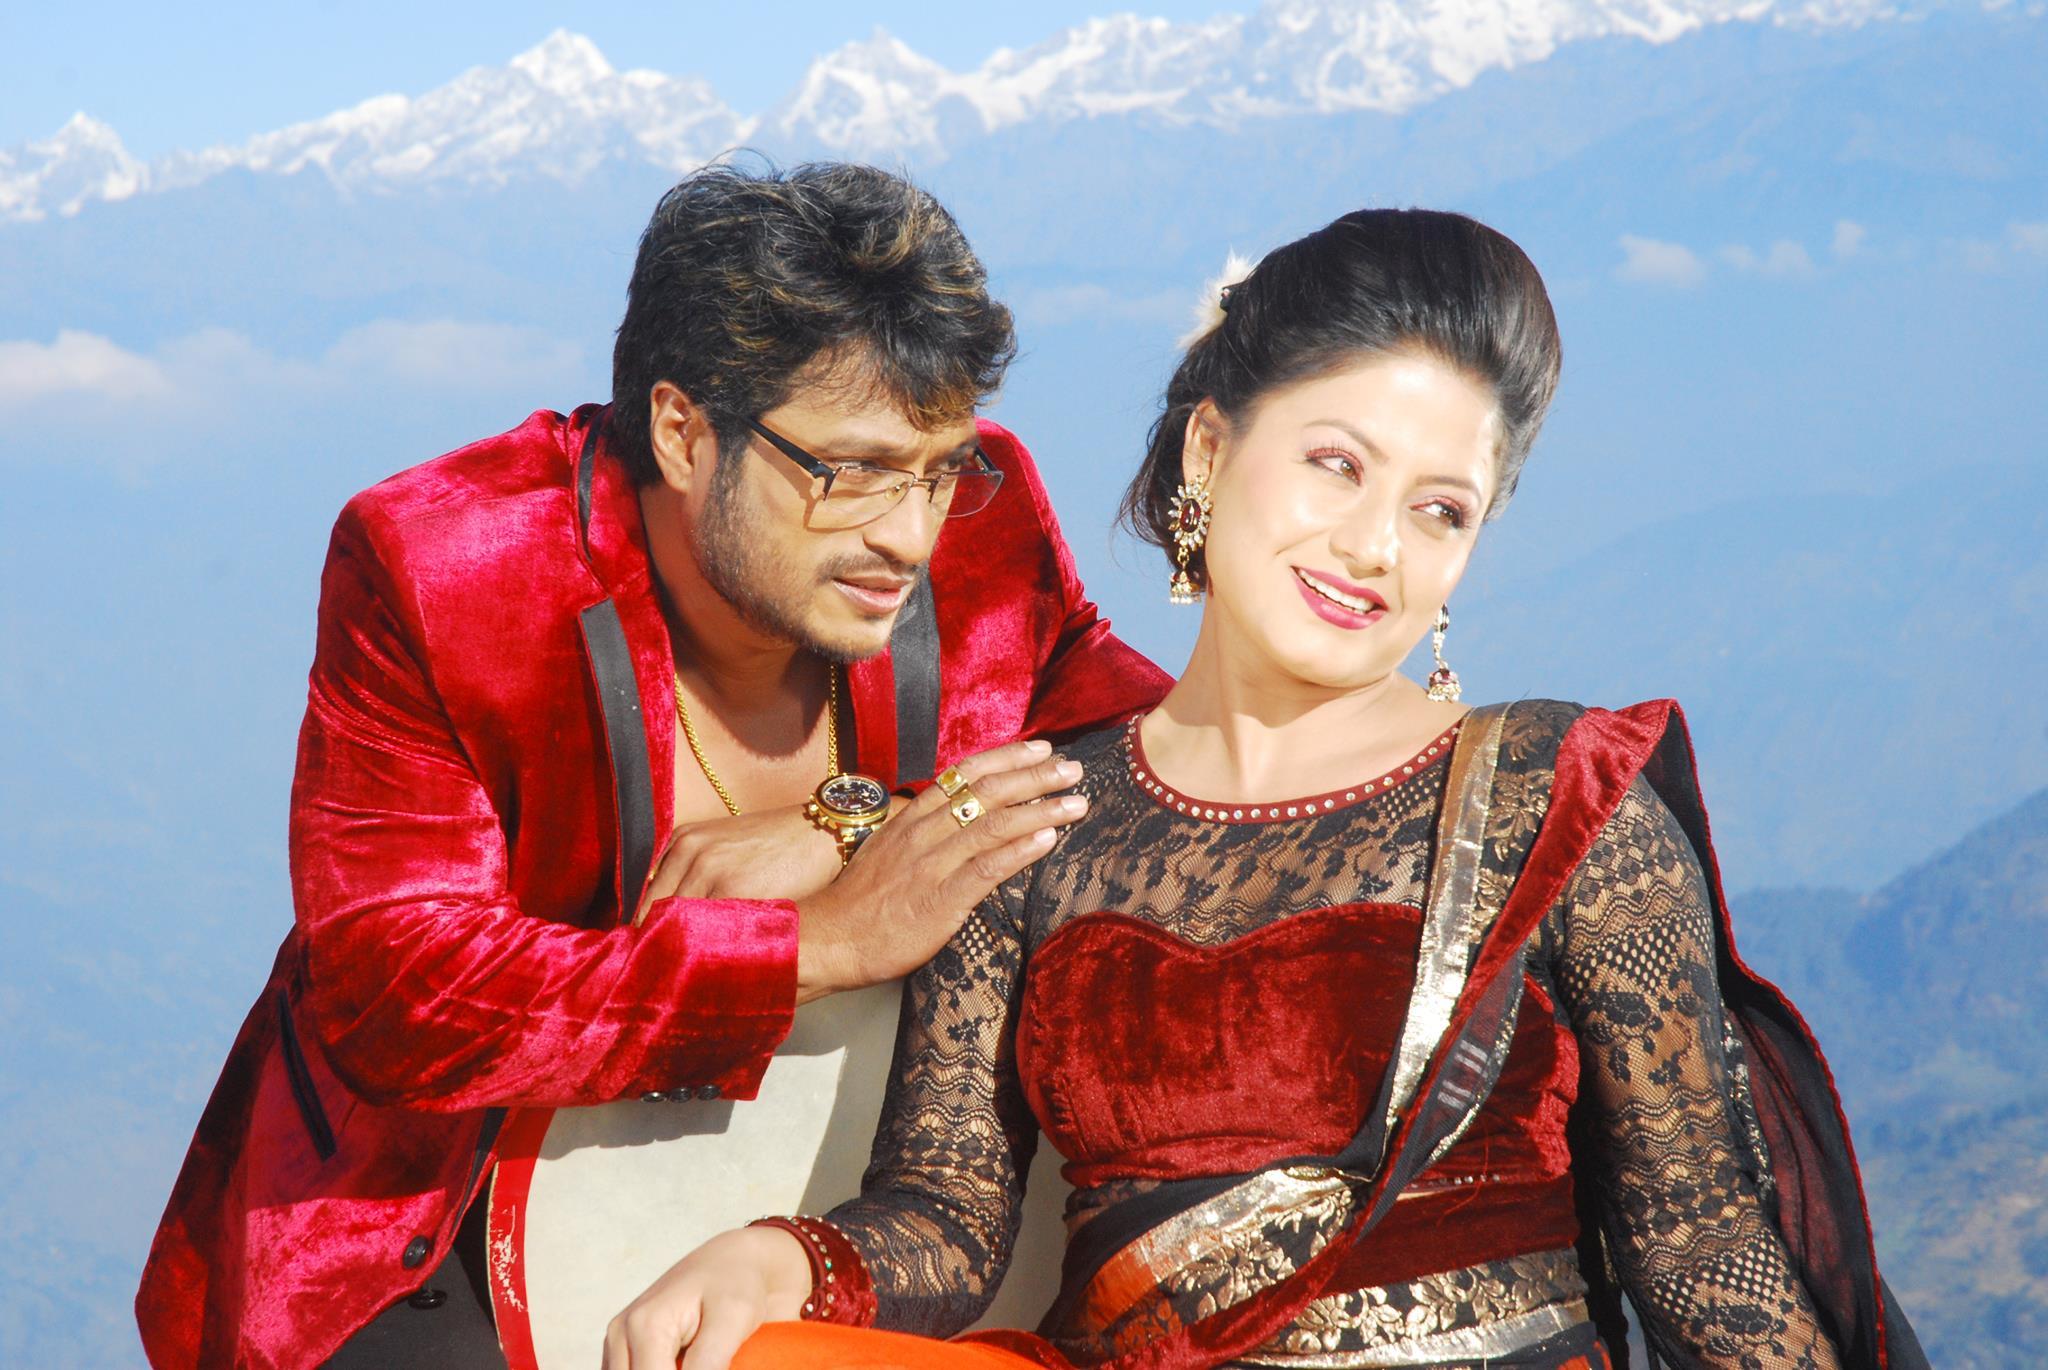 Shree Krishna Shrestha